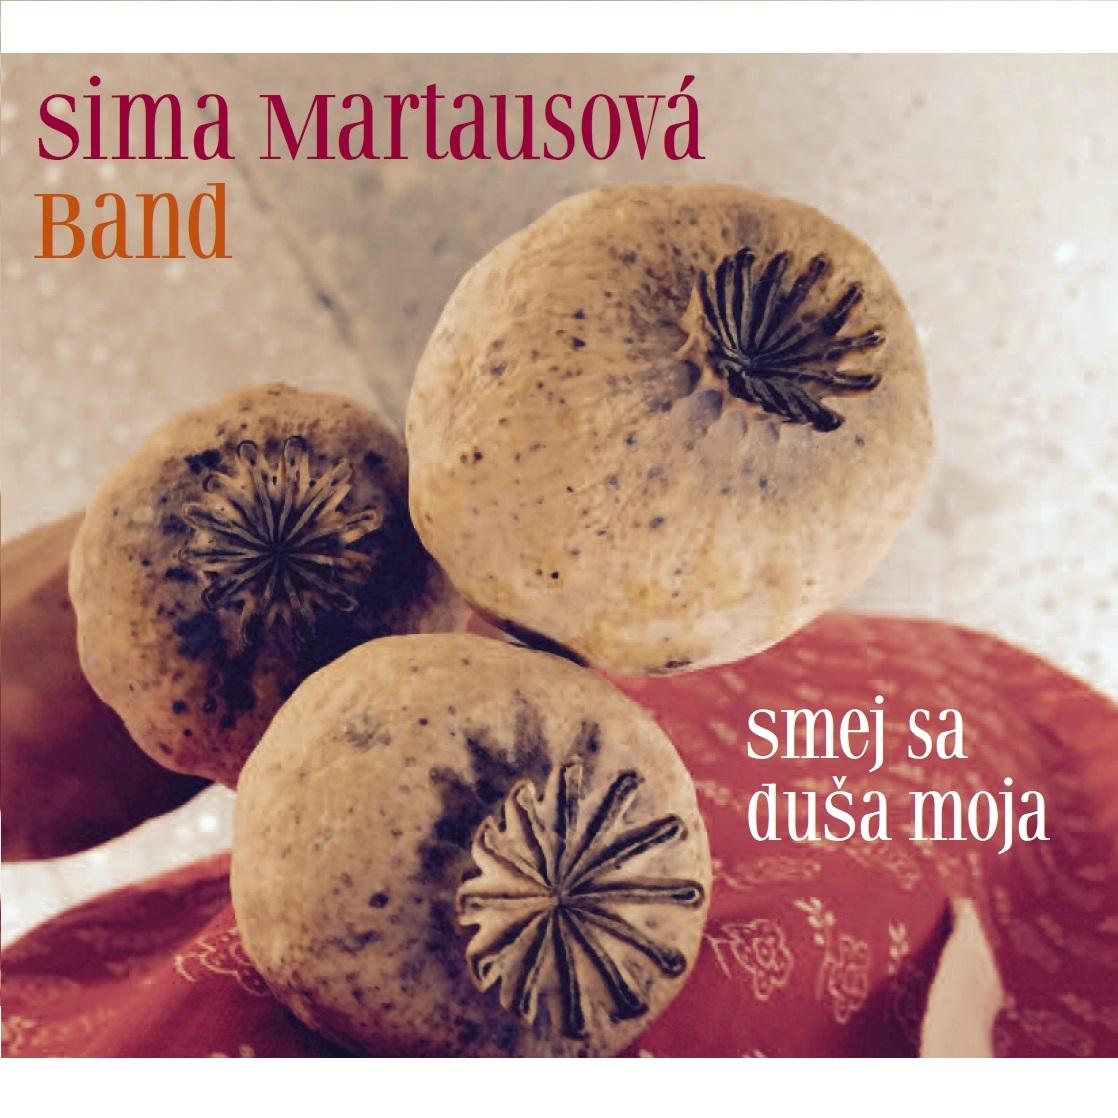 Sima Martausová  & Band - Smej sa duša moja